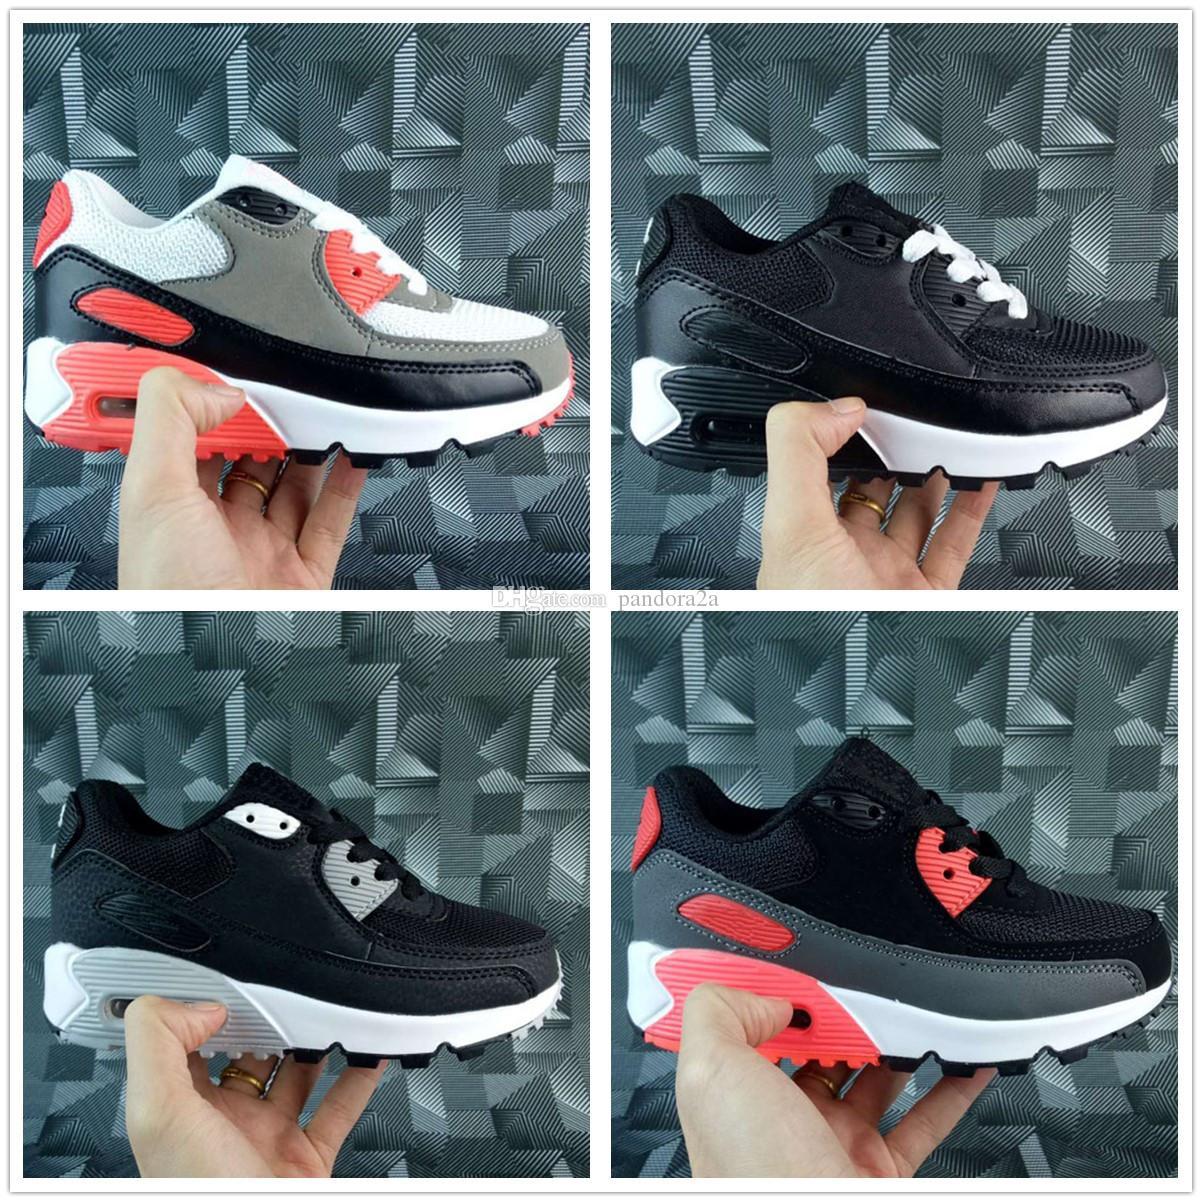 huge discount c44c6 a7d04 Compre Nike Air Max Airmax 90 Zapatillas De Deporte Para Hombre Zapatillas  Clásicas 90 Hombres Y Mujeres Zapatillas De Correr Niños Bebés Negros  Entrenador ...